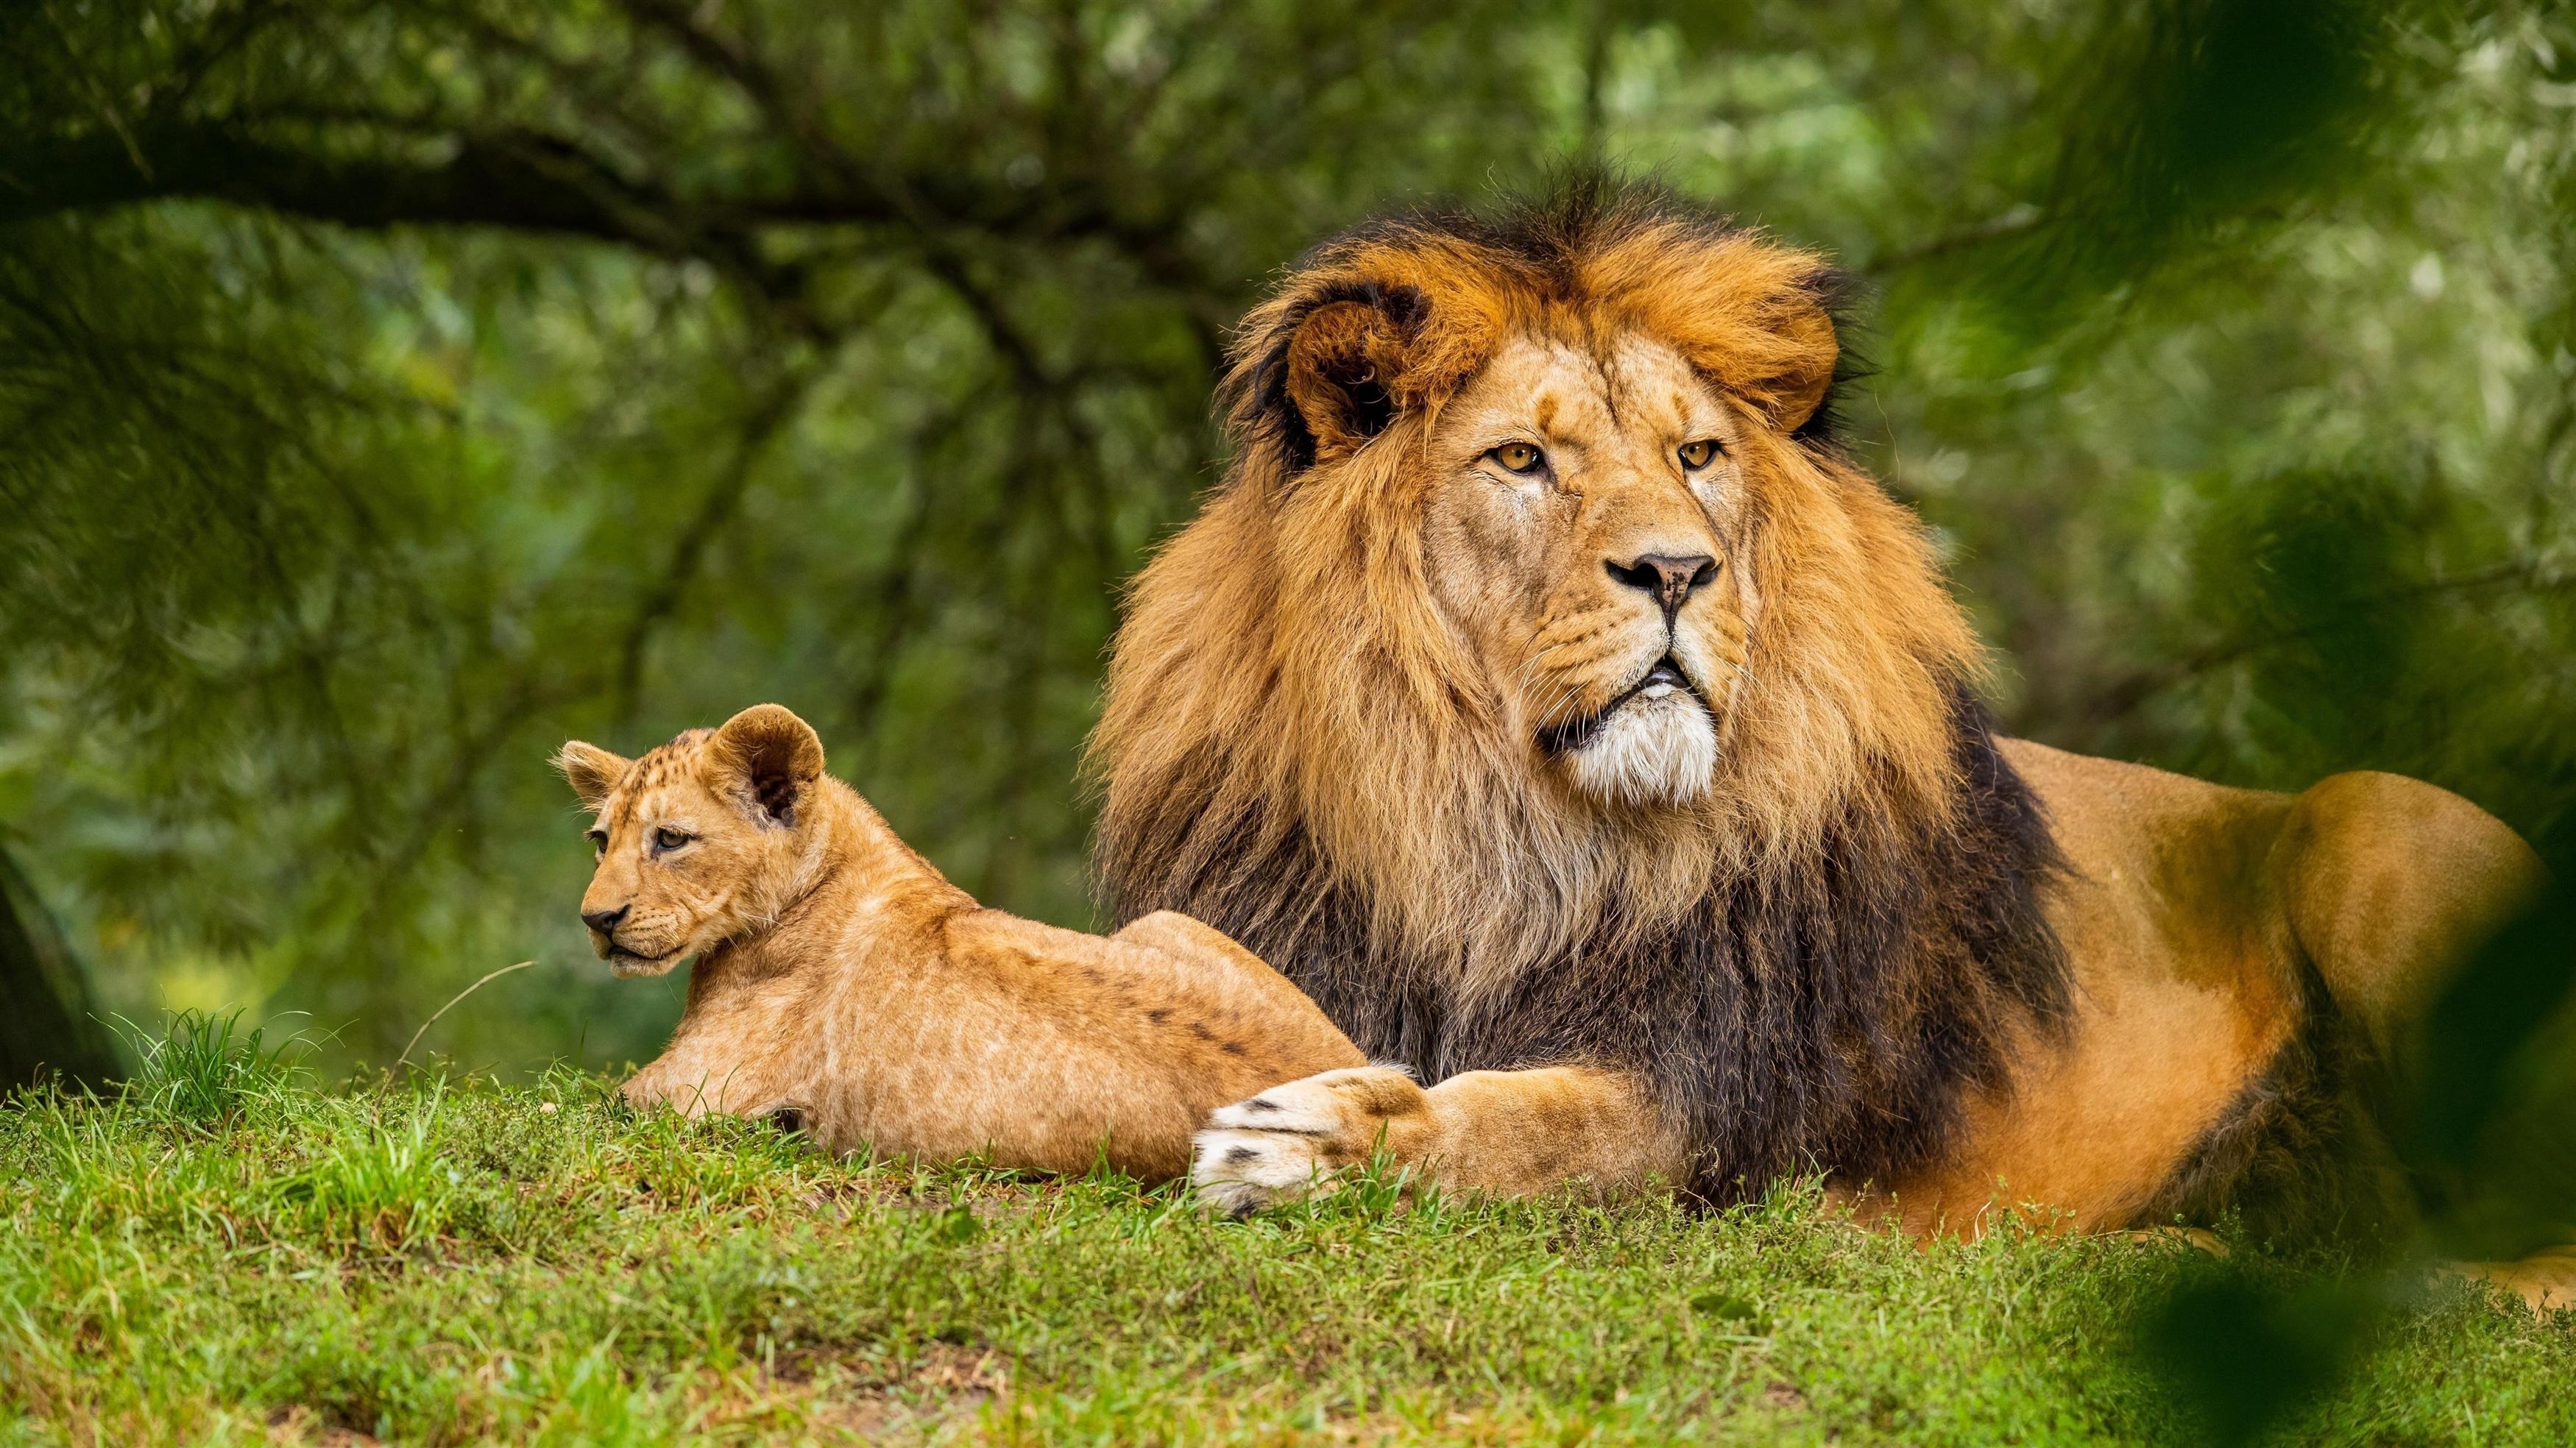 Большой лев лежит на зеленой траве на фоне леса с детенышем Льва животных обои скачать